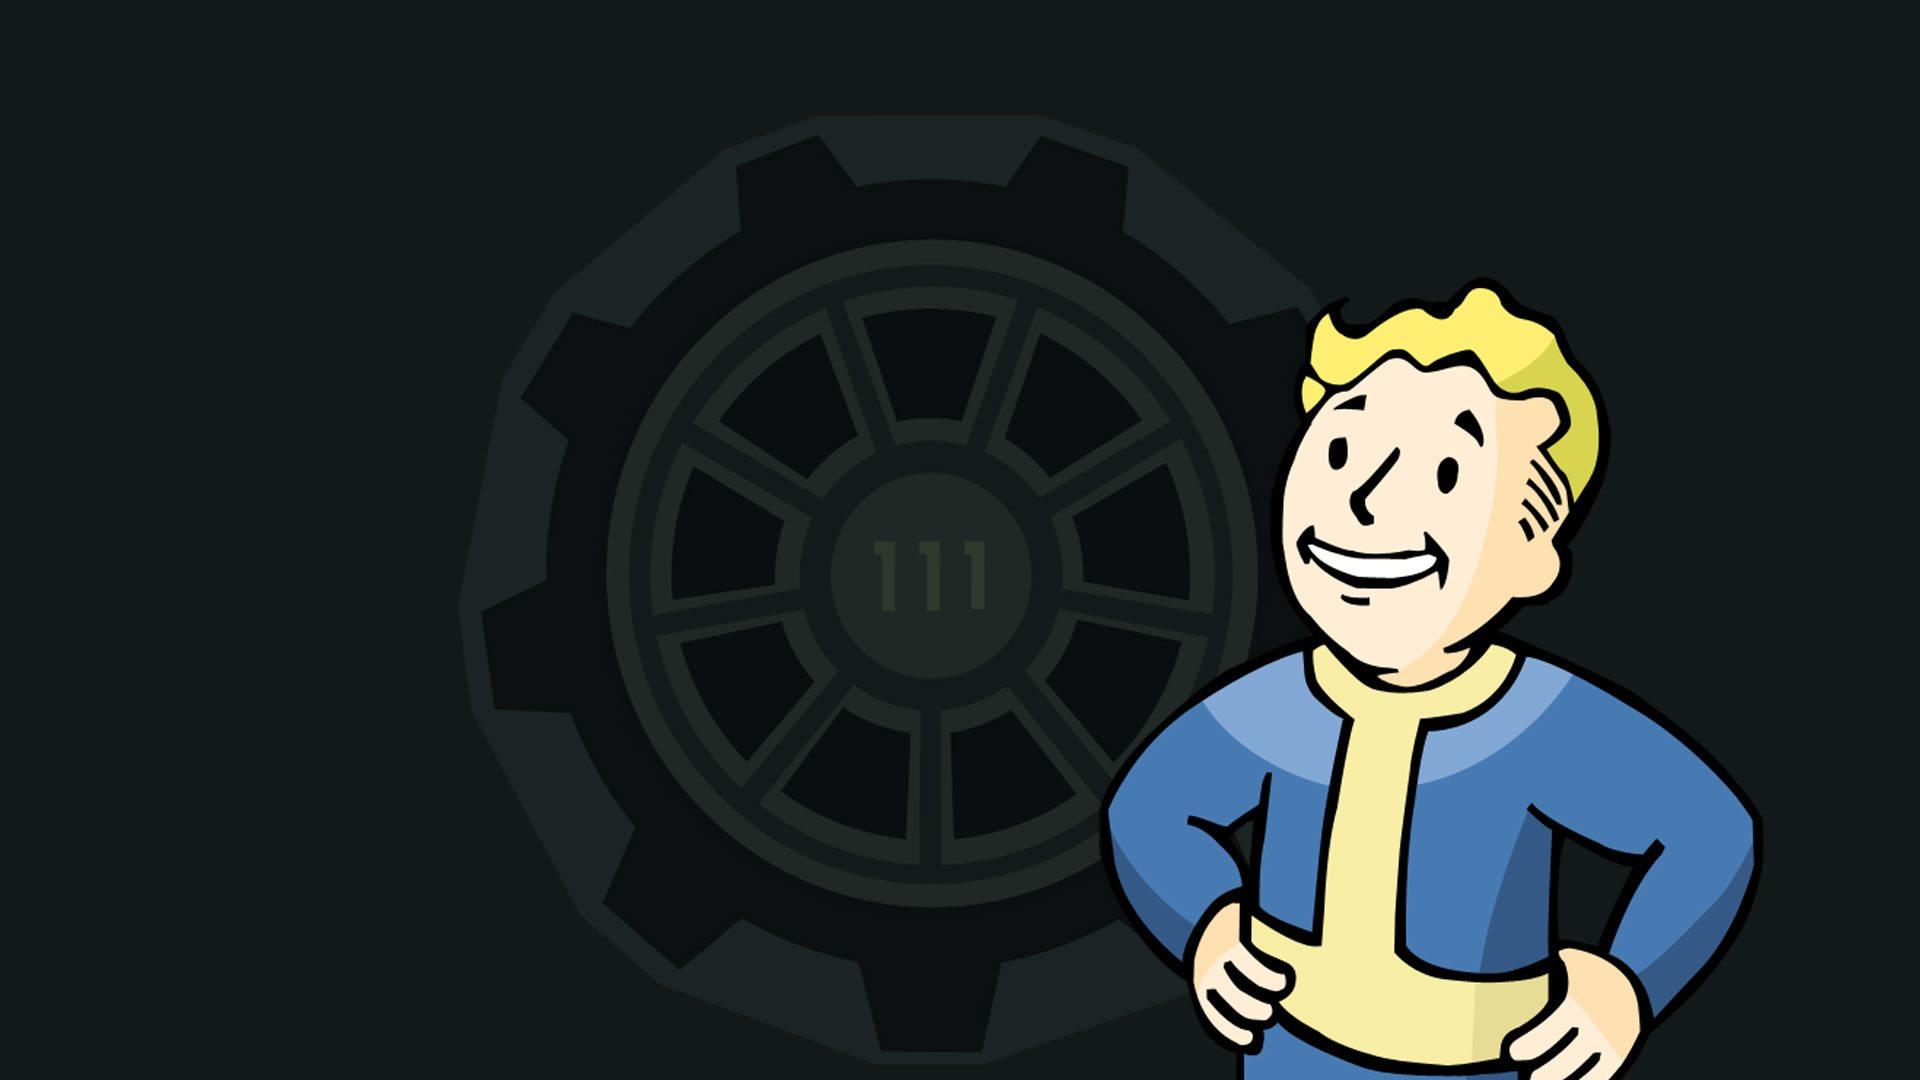 Fallout-4-Vault-111-Wallpaper